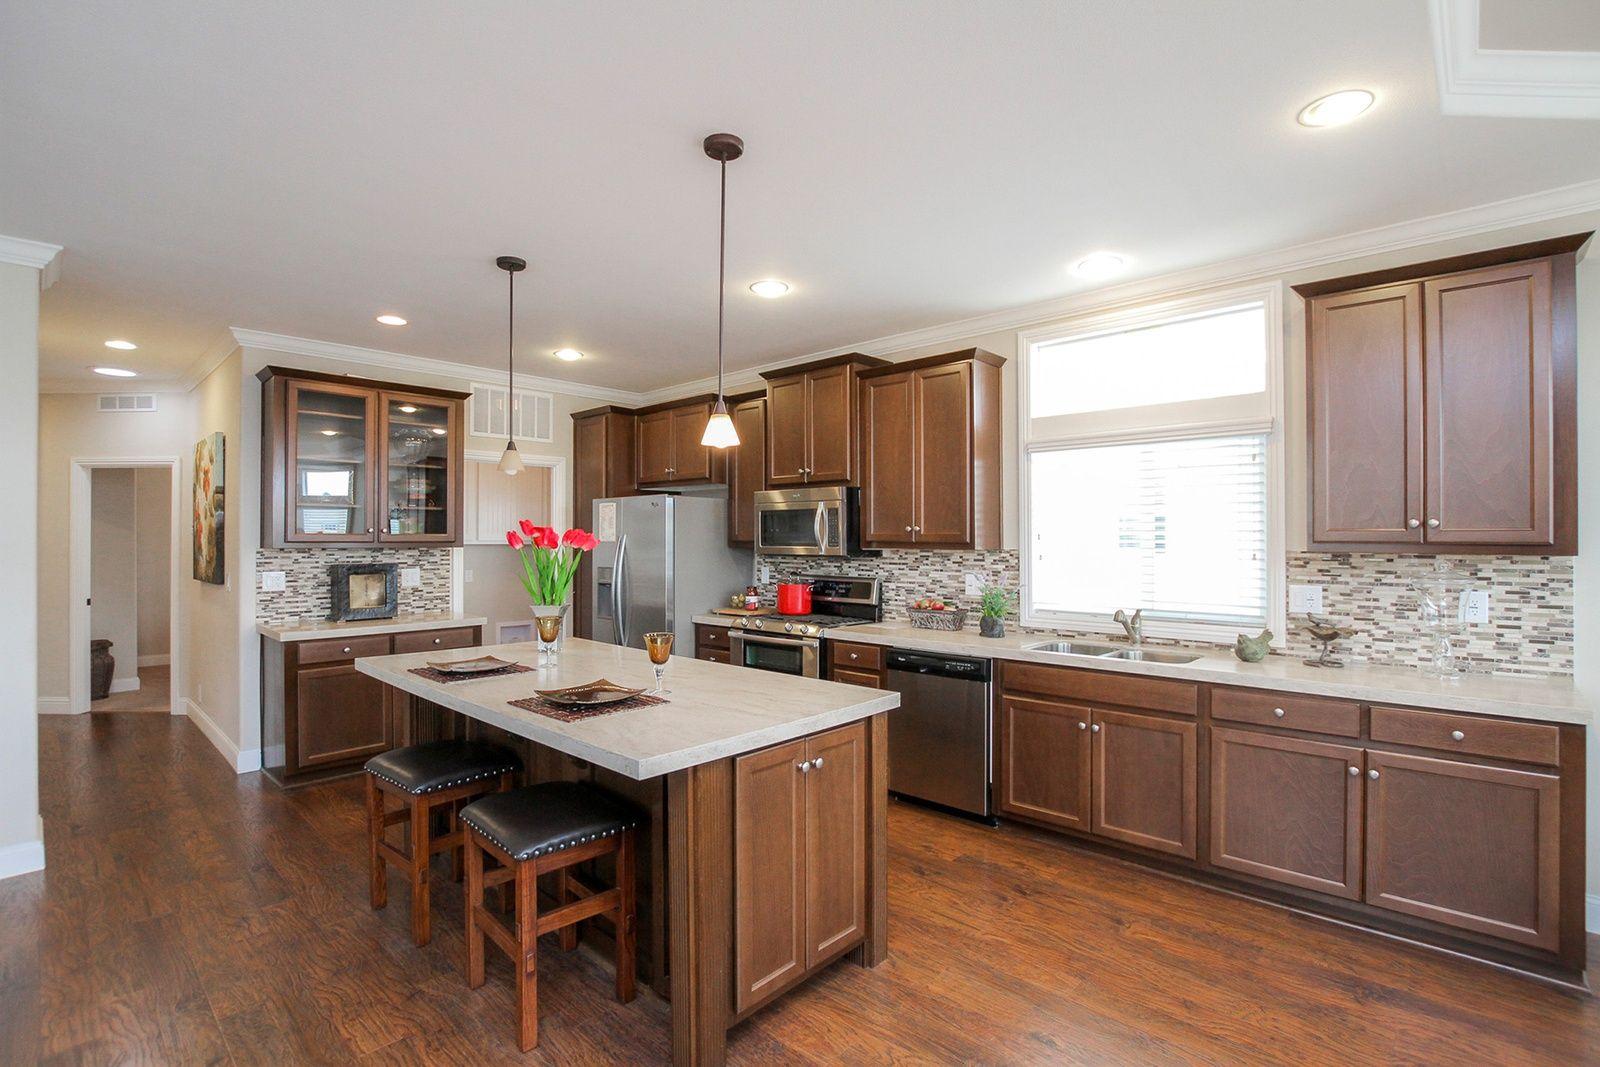 Fullsize Of Beautiful Large Kitchens